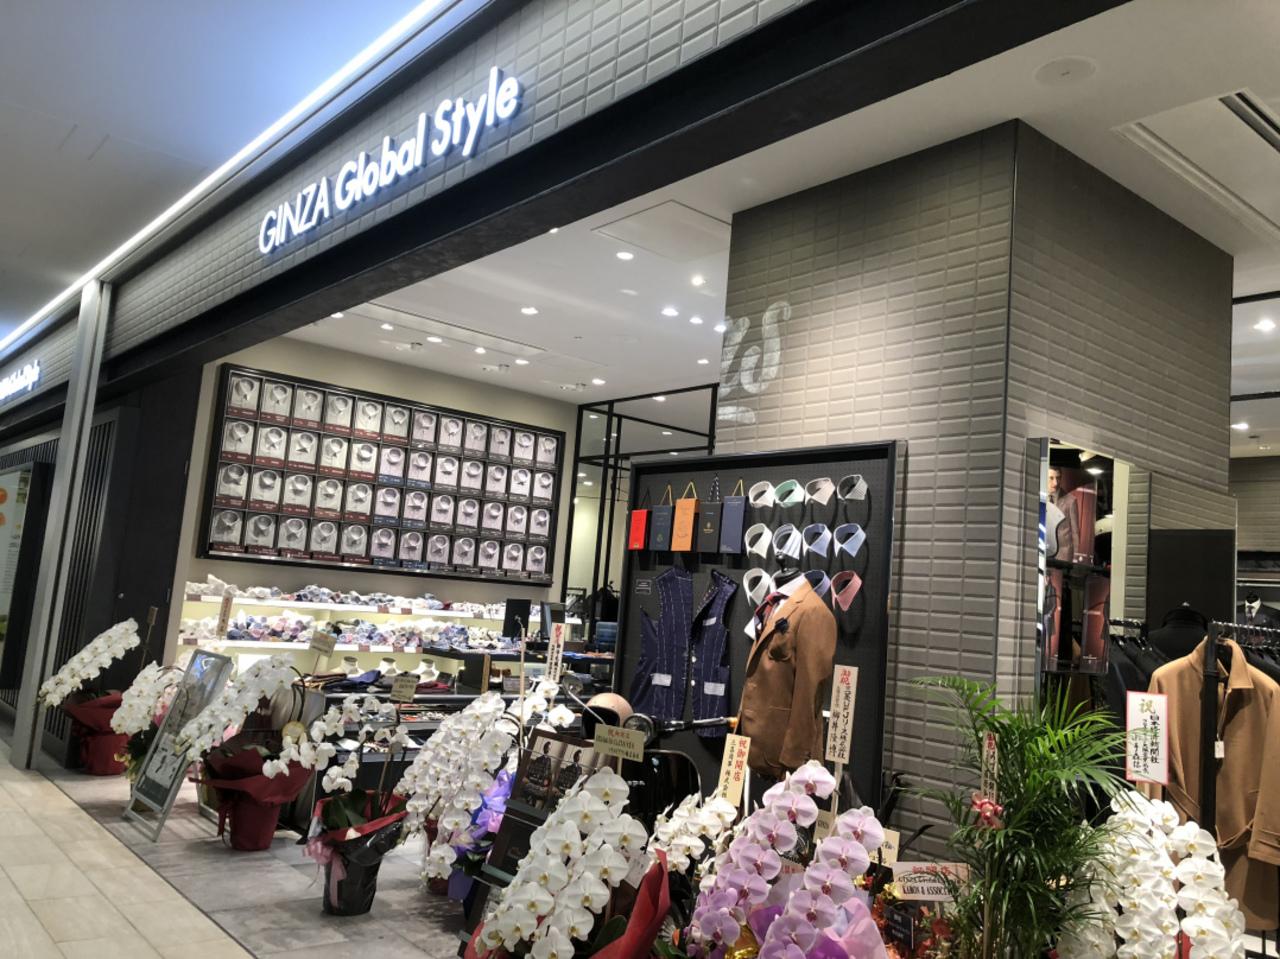 GINZAグローバルスタイル なんばスカイオ店 OPEN!